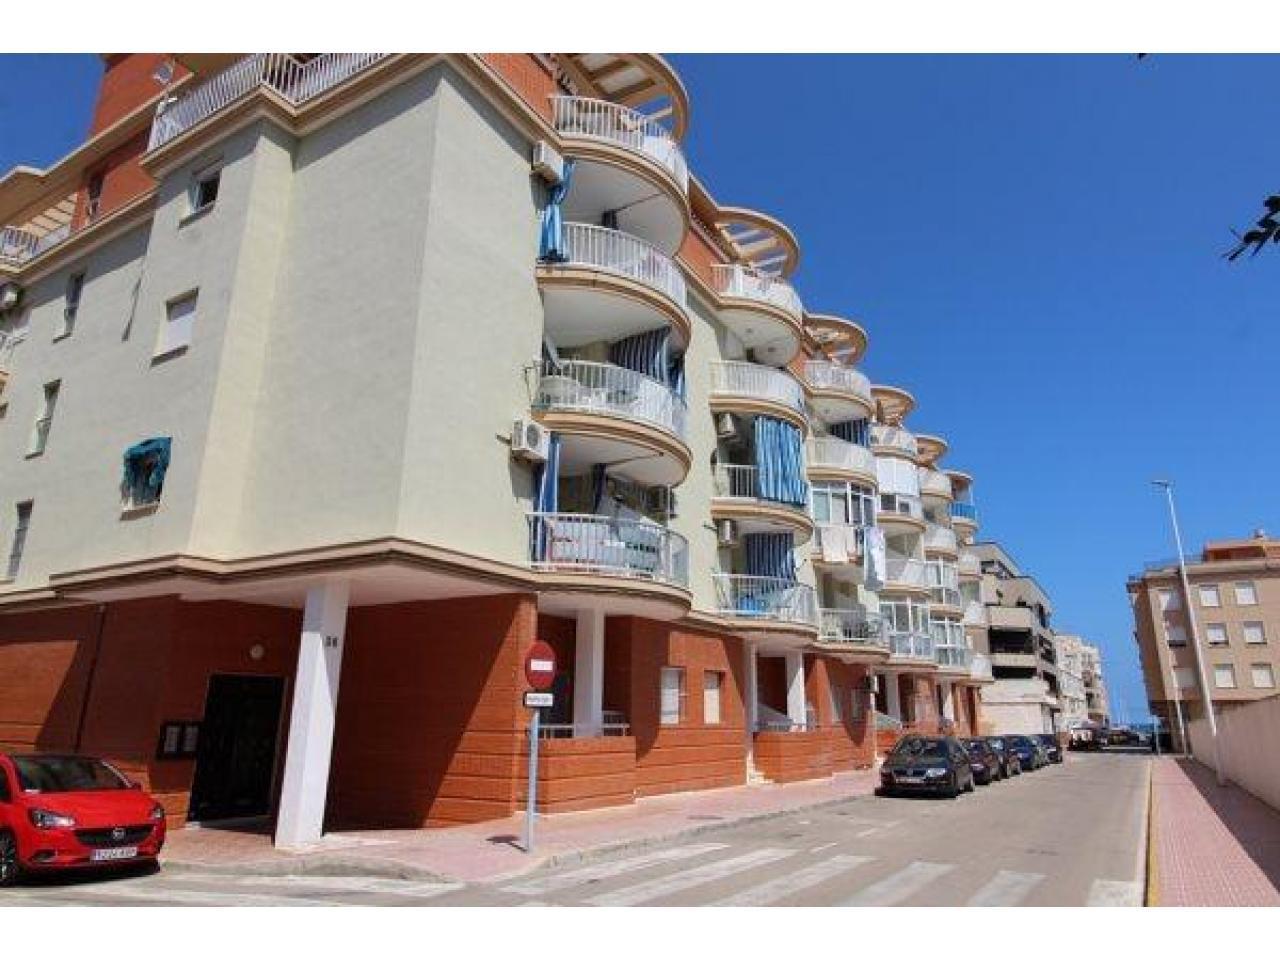 Недвижимость в Испании, Квартира с видами на море в Ла Мата,Коста Бланка,Испания - 1